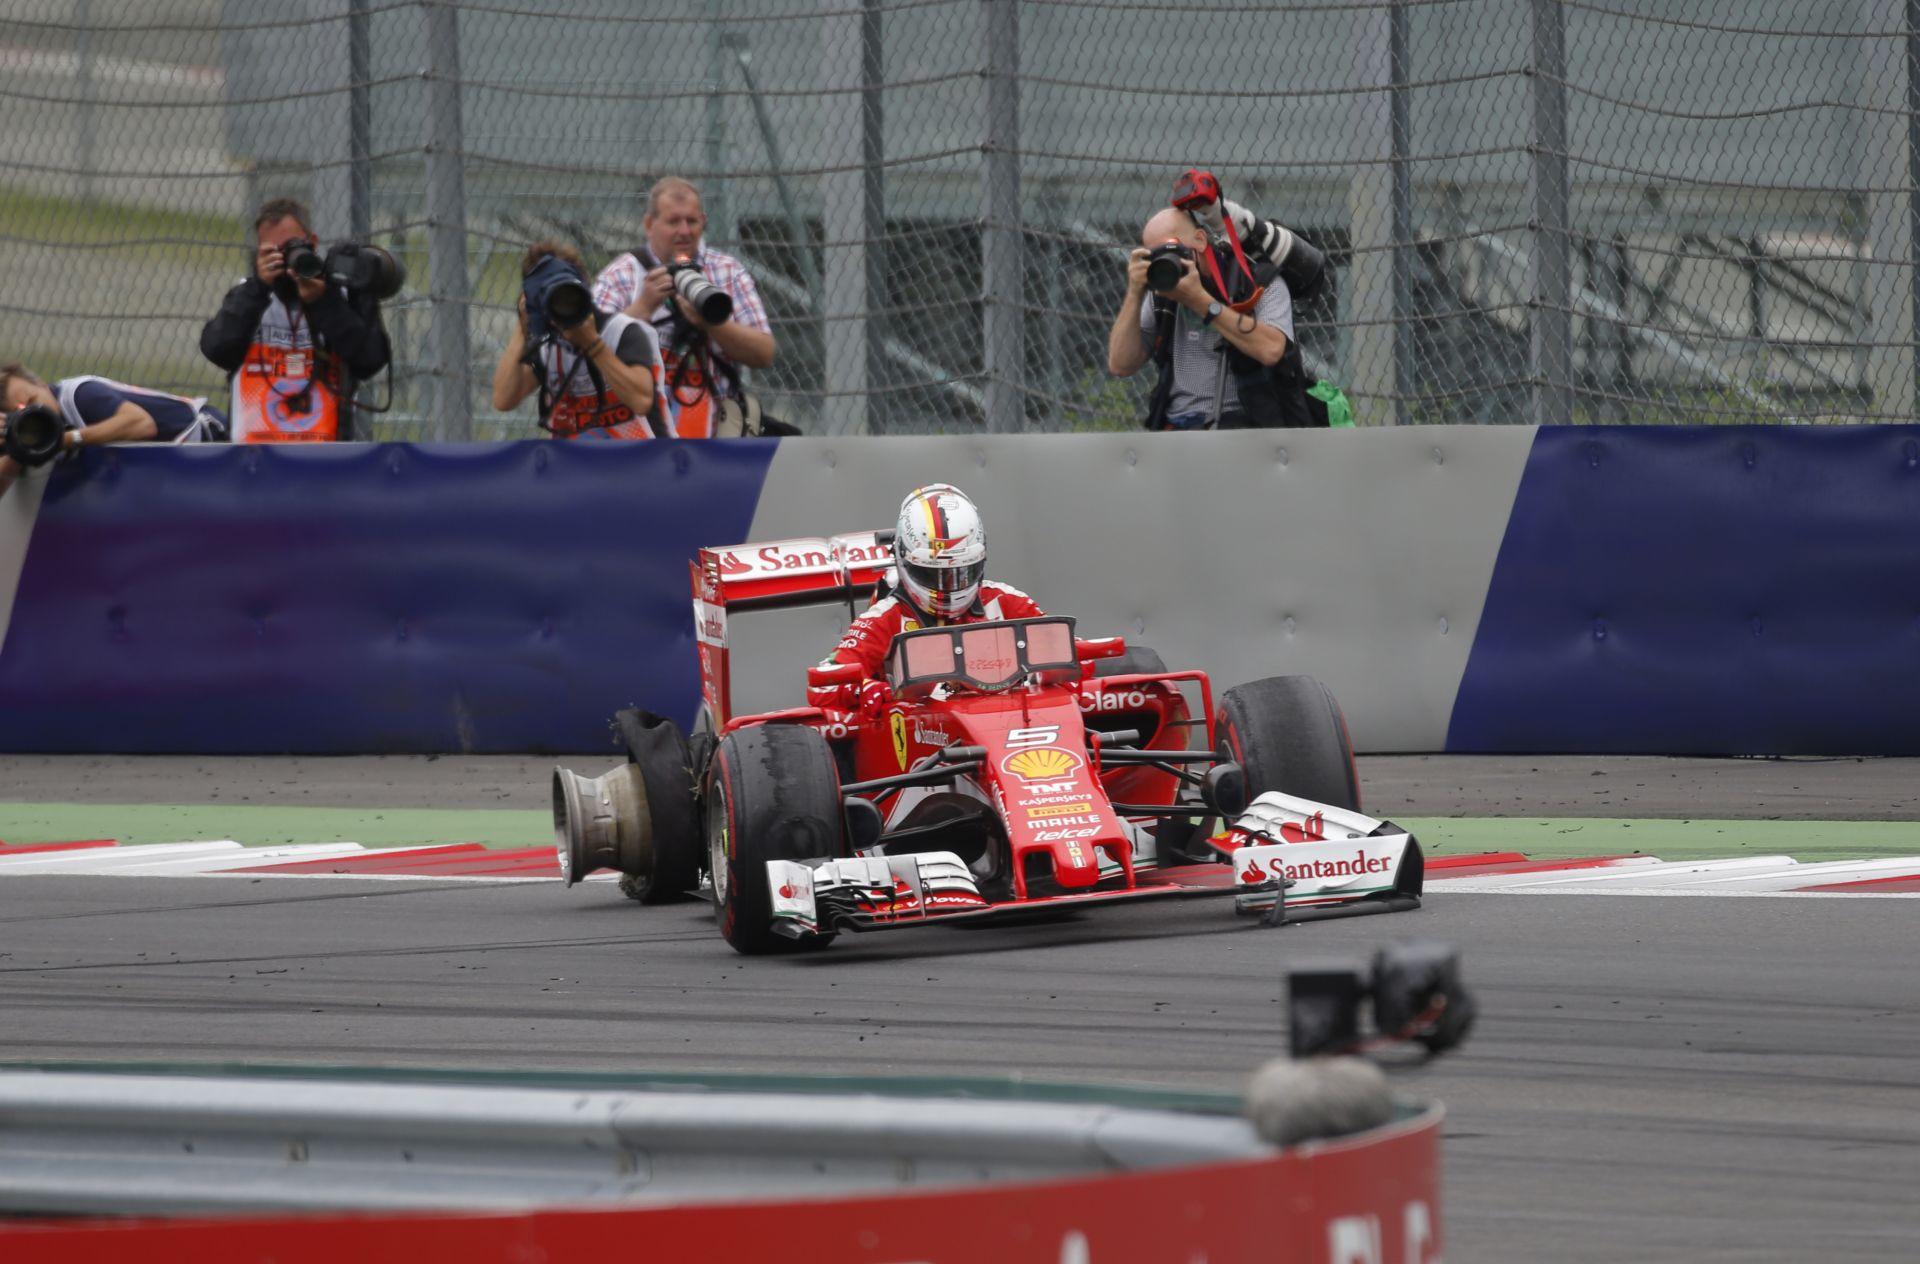 WOW: Rosberg kameranézetből Vettel gumirobbanása a Red Bull Ringről